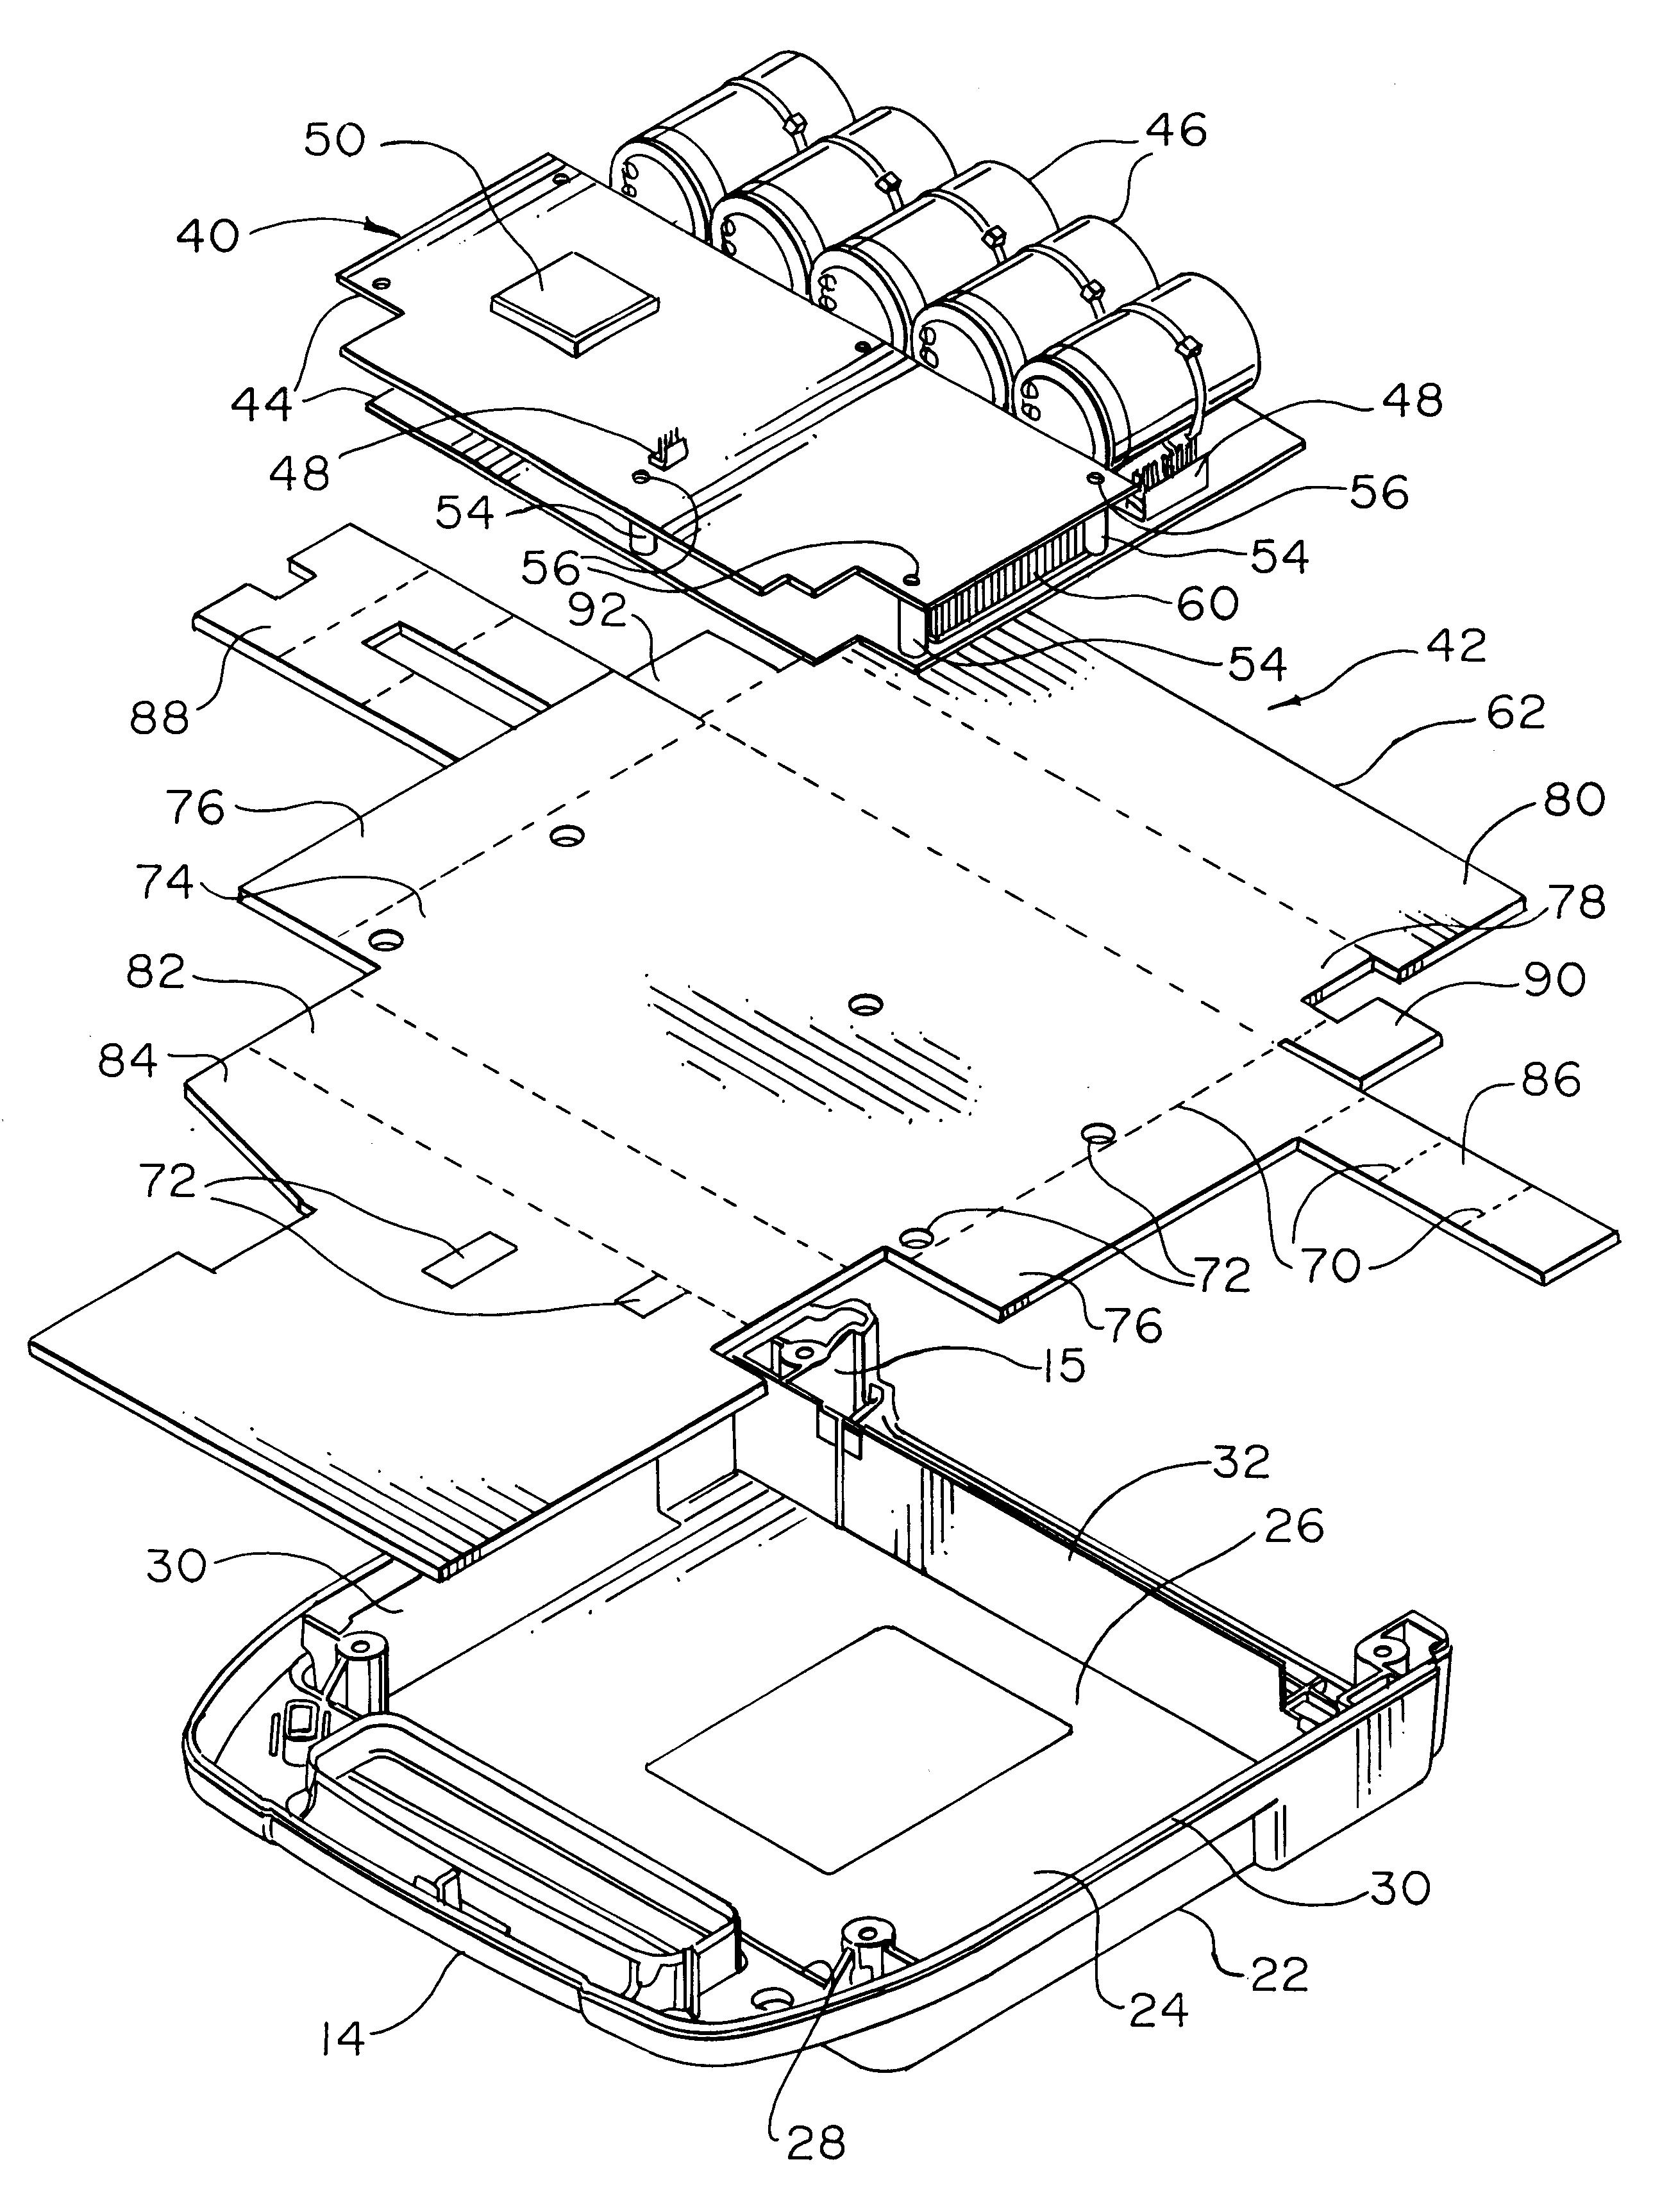 patent us6173203